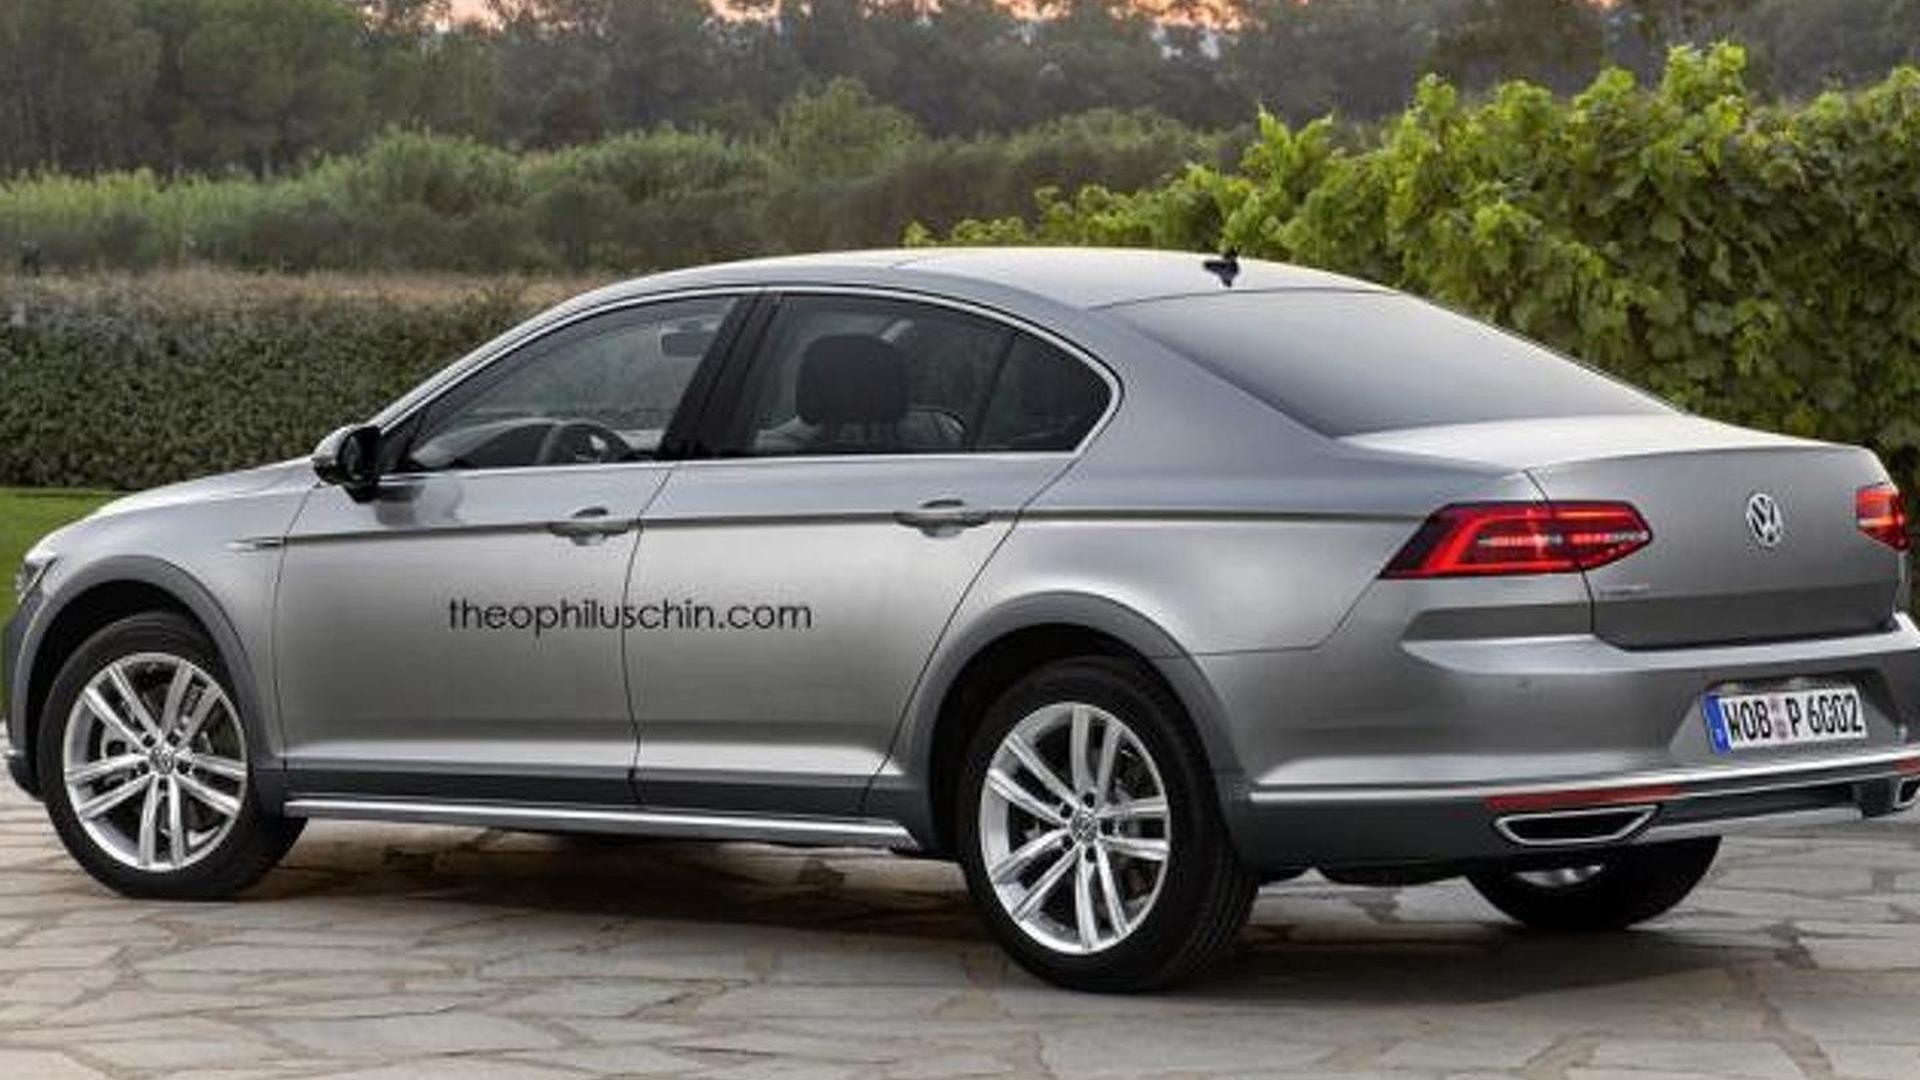 Седан для бездорожья Volkswagen Passat Alltrack, неофициально